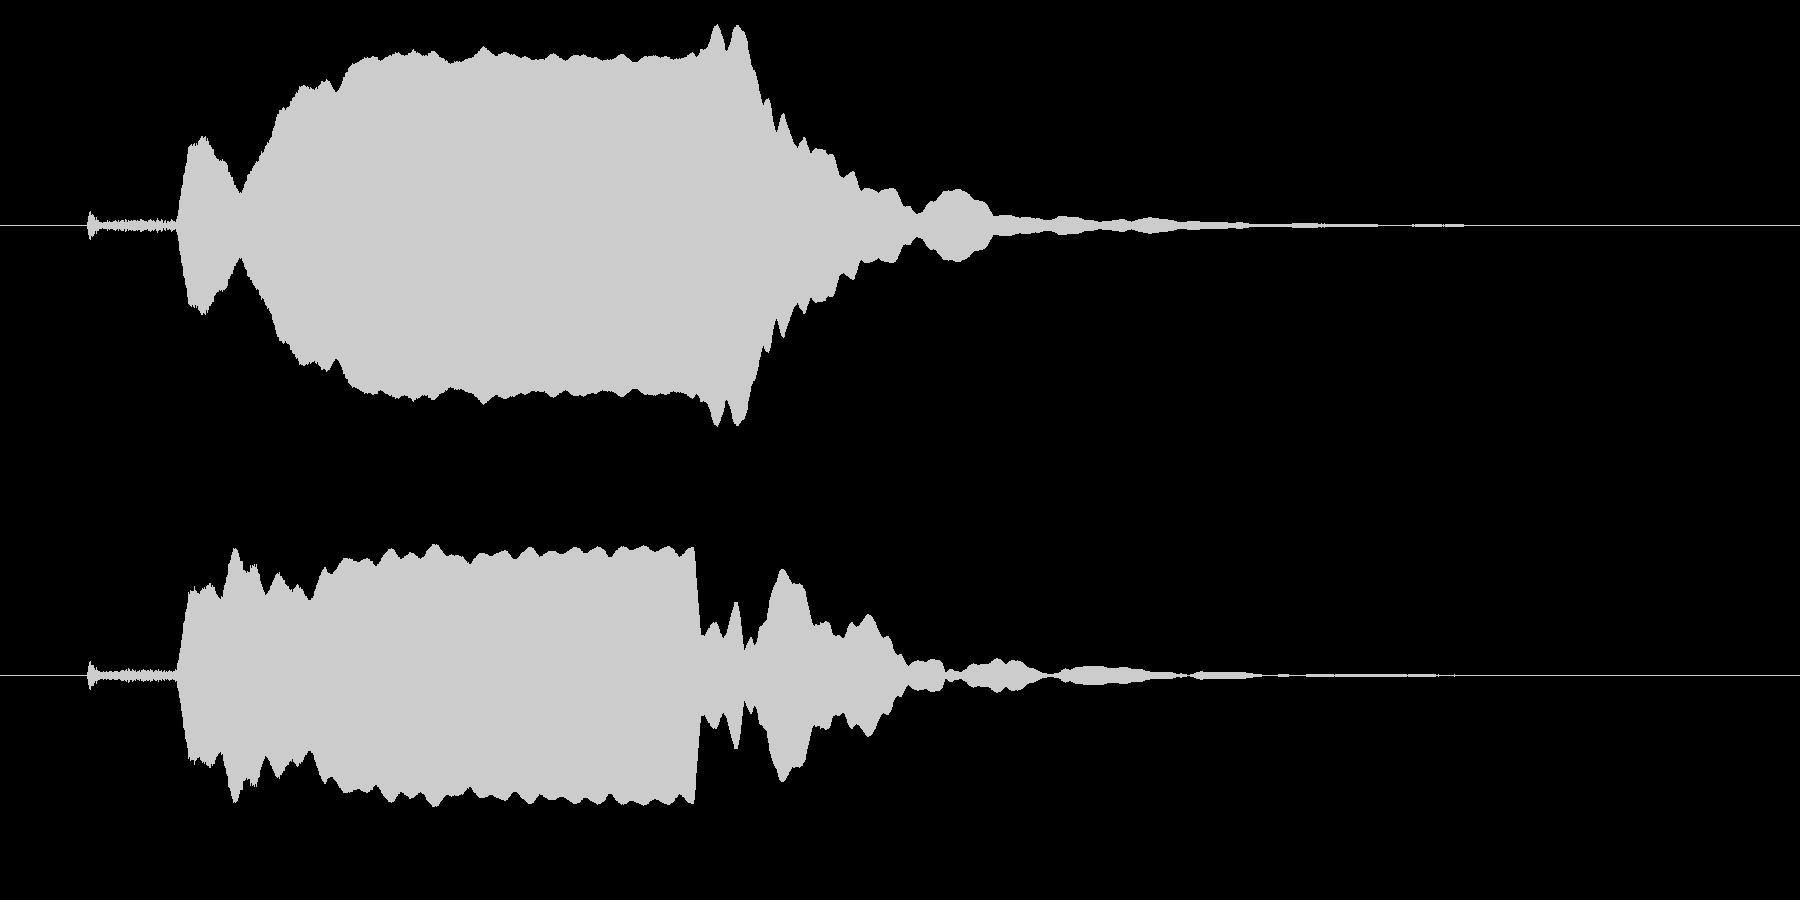 改札 ビープ音01-11(音色1 遠)の未再生の波形